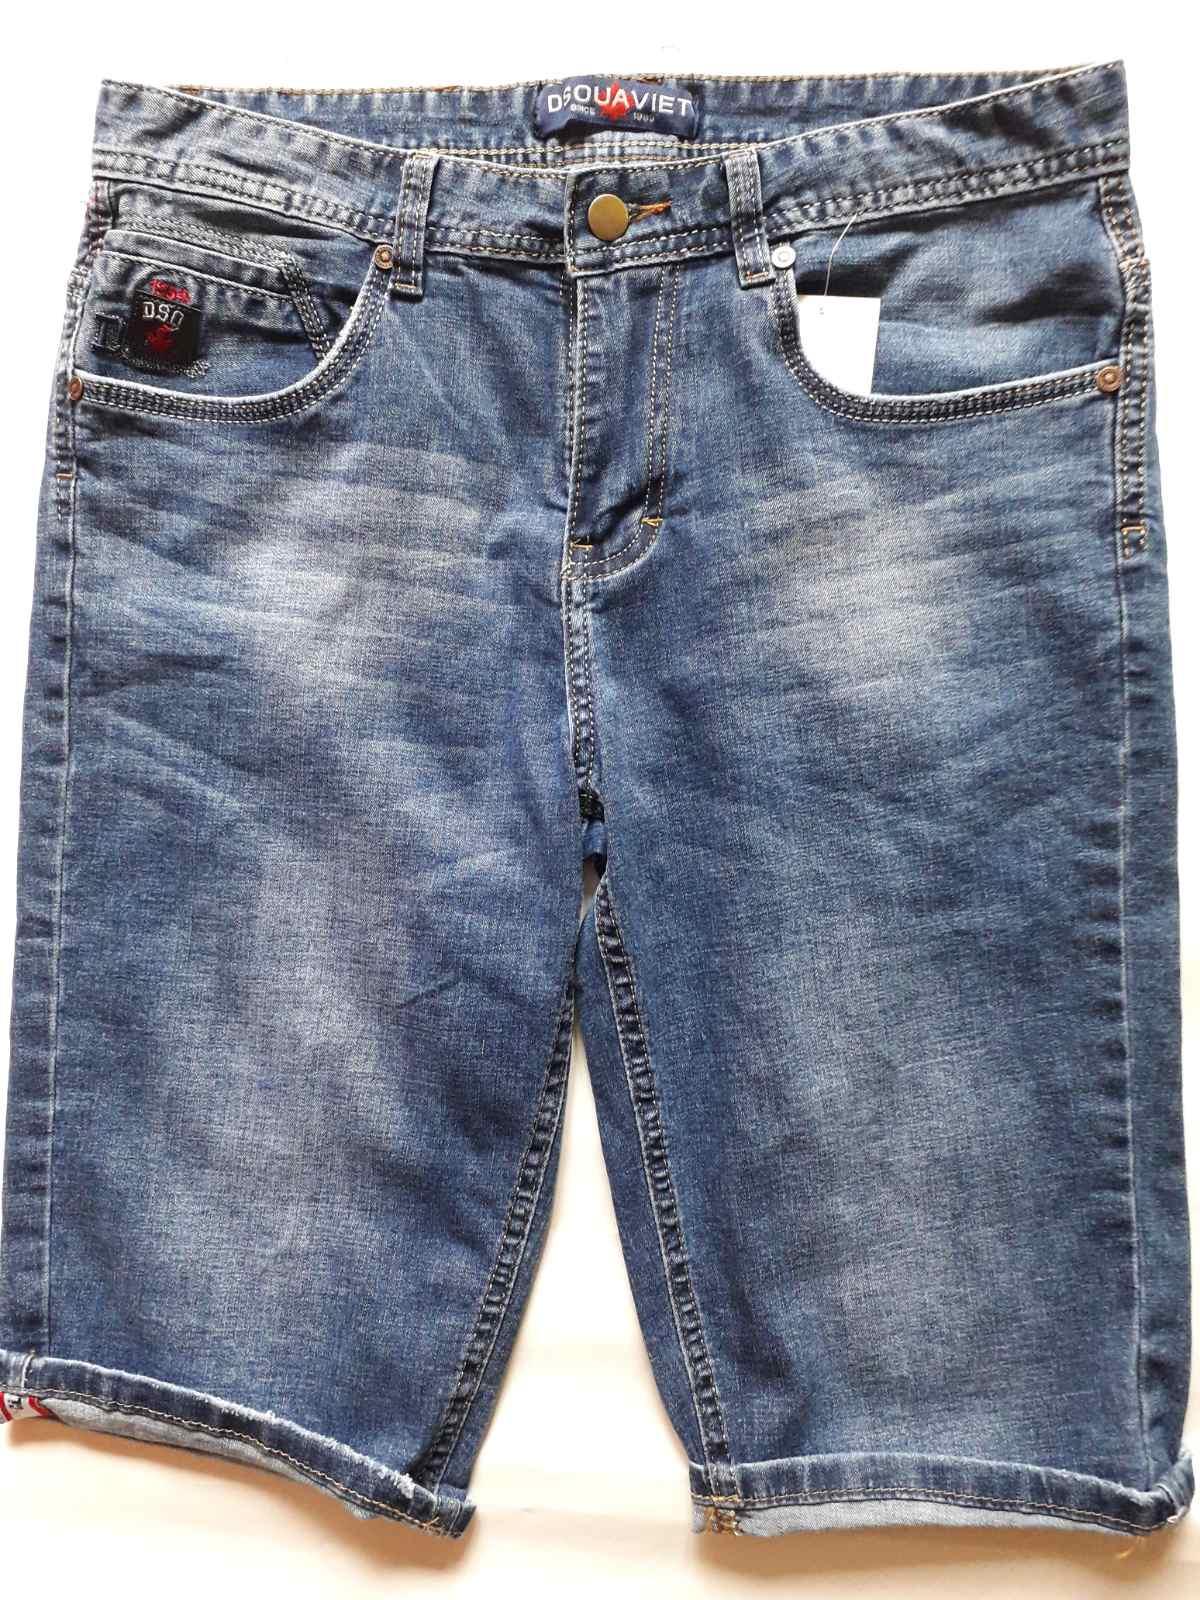 Удобные и практичные женские джинсовые бриджи